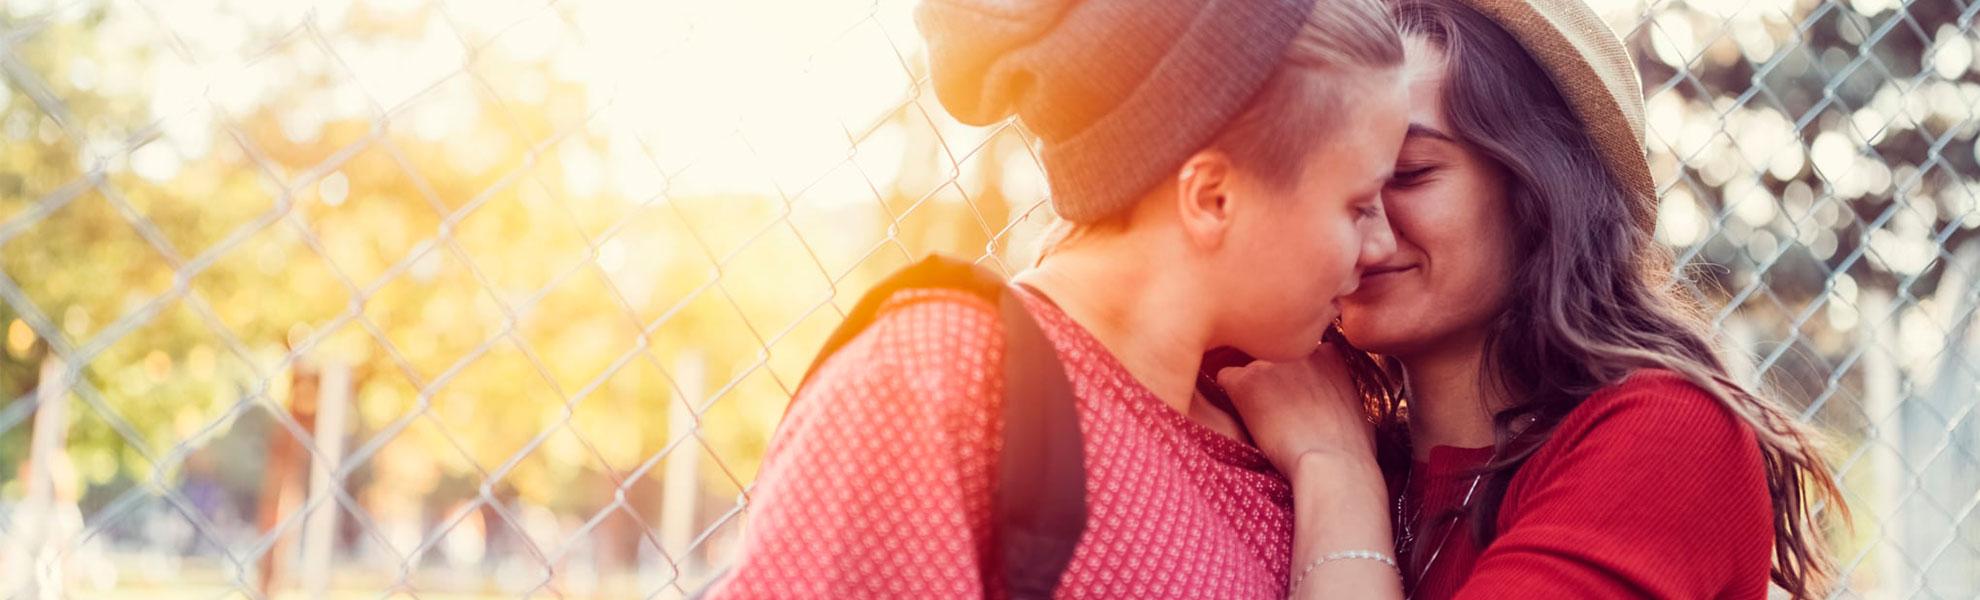 lesbiansingles.org